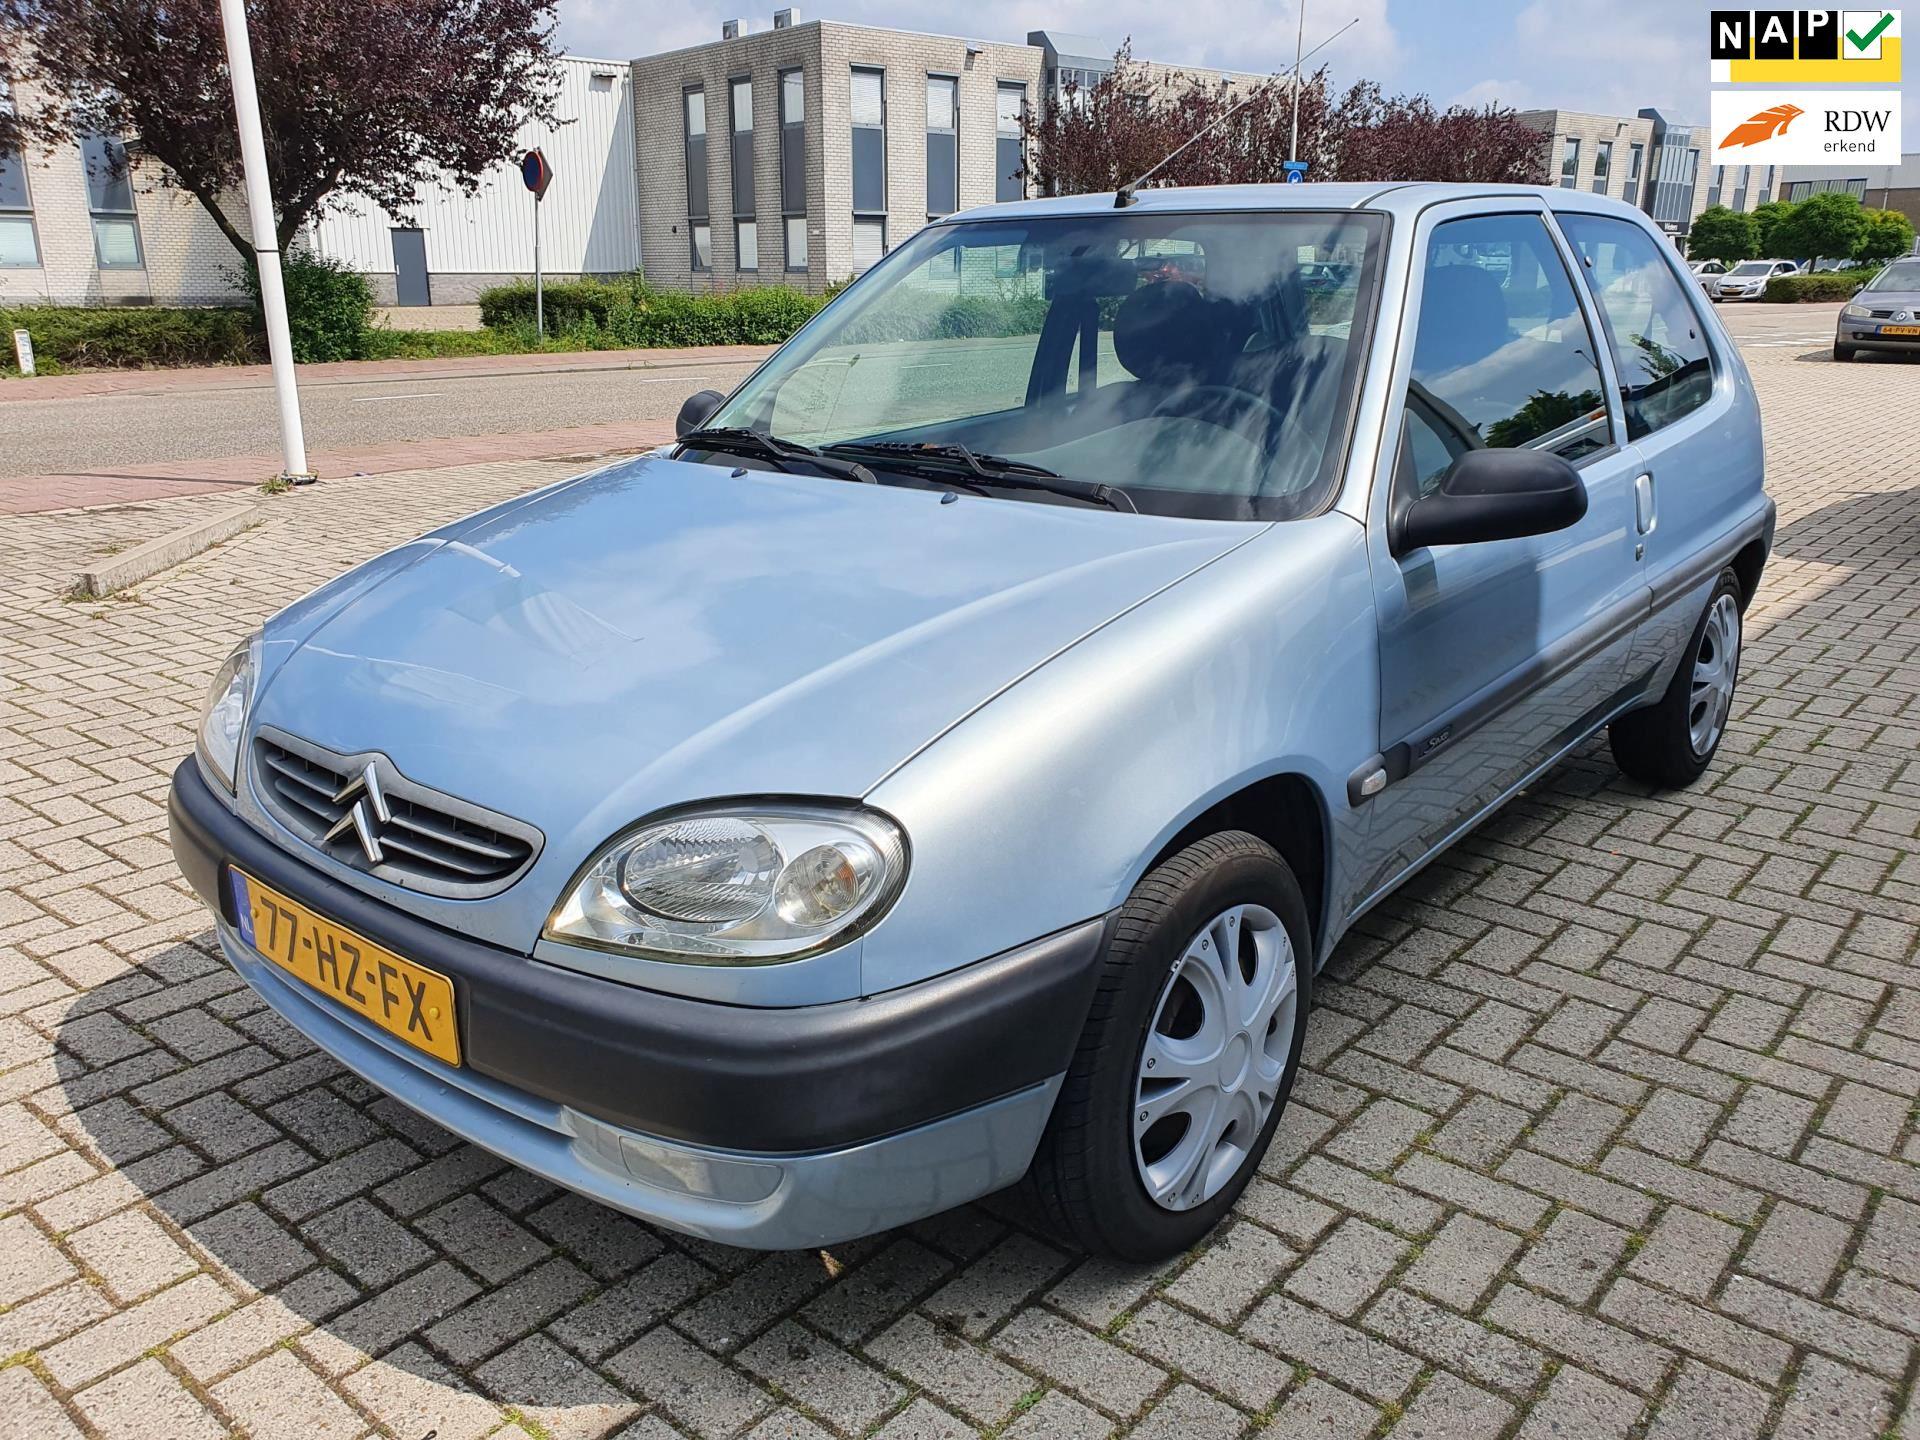 Citroen Saxo occasion - RP Automotive